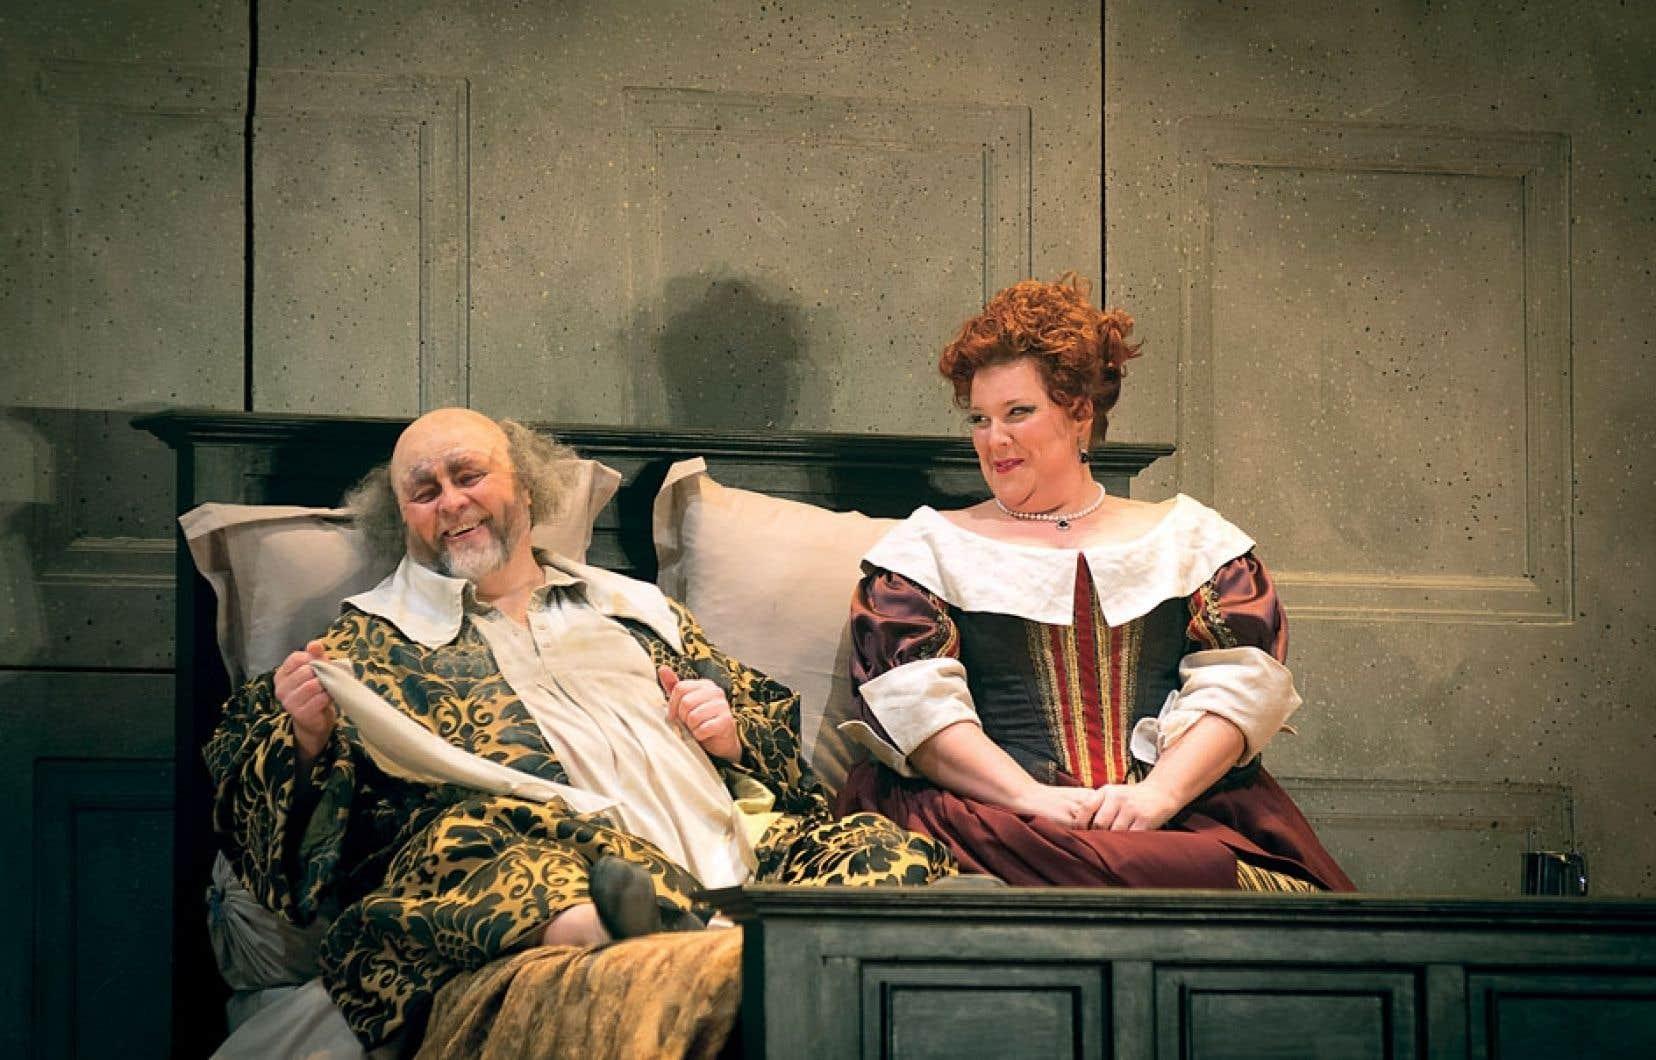 Le Falstaff de l'Opéra de Montréal offre des moments de pur bonheur théâtral, dont celui de la première rencontre - au lit - entre Quickly (Marie-Nicole Lemieux) et Falstaff (Oleg Bryjak).